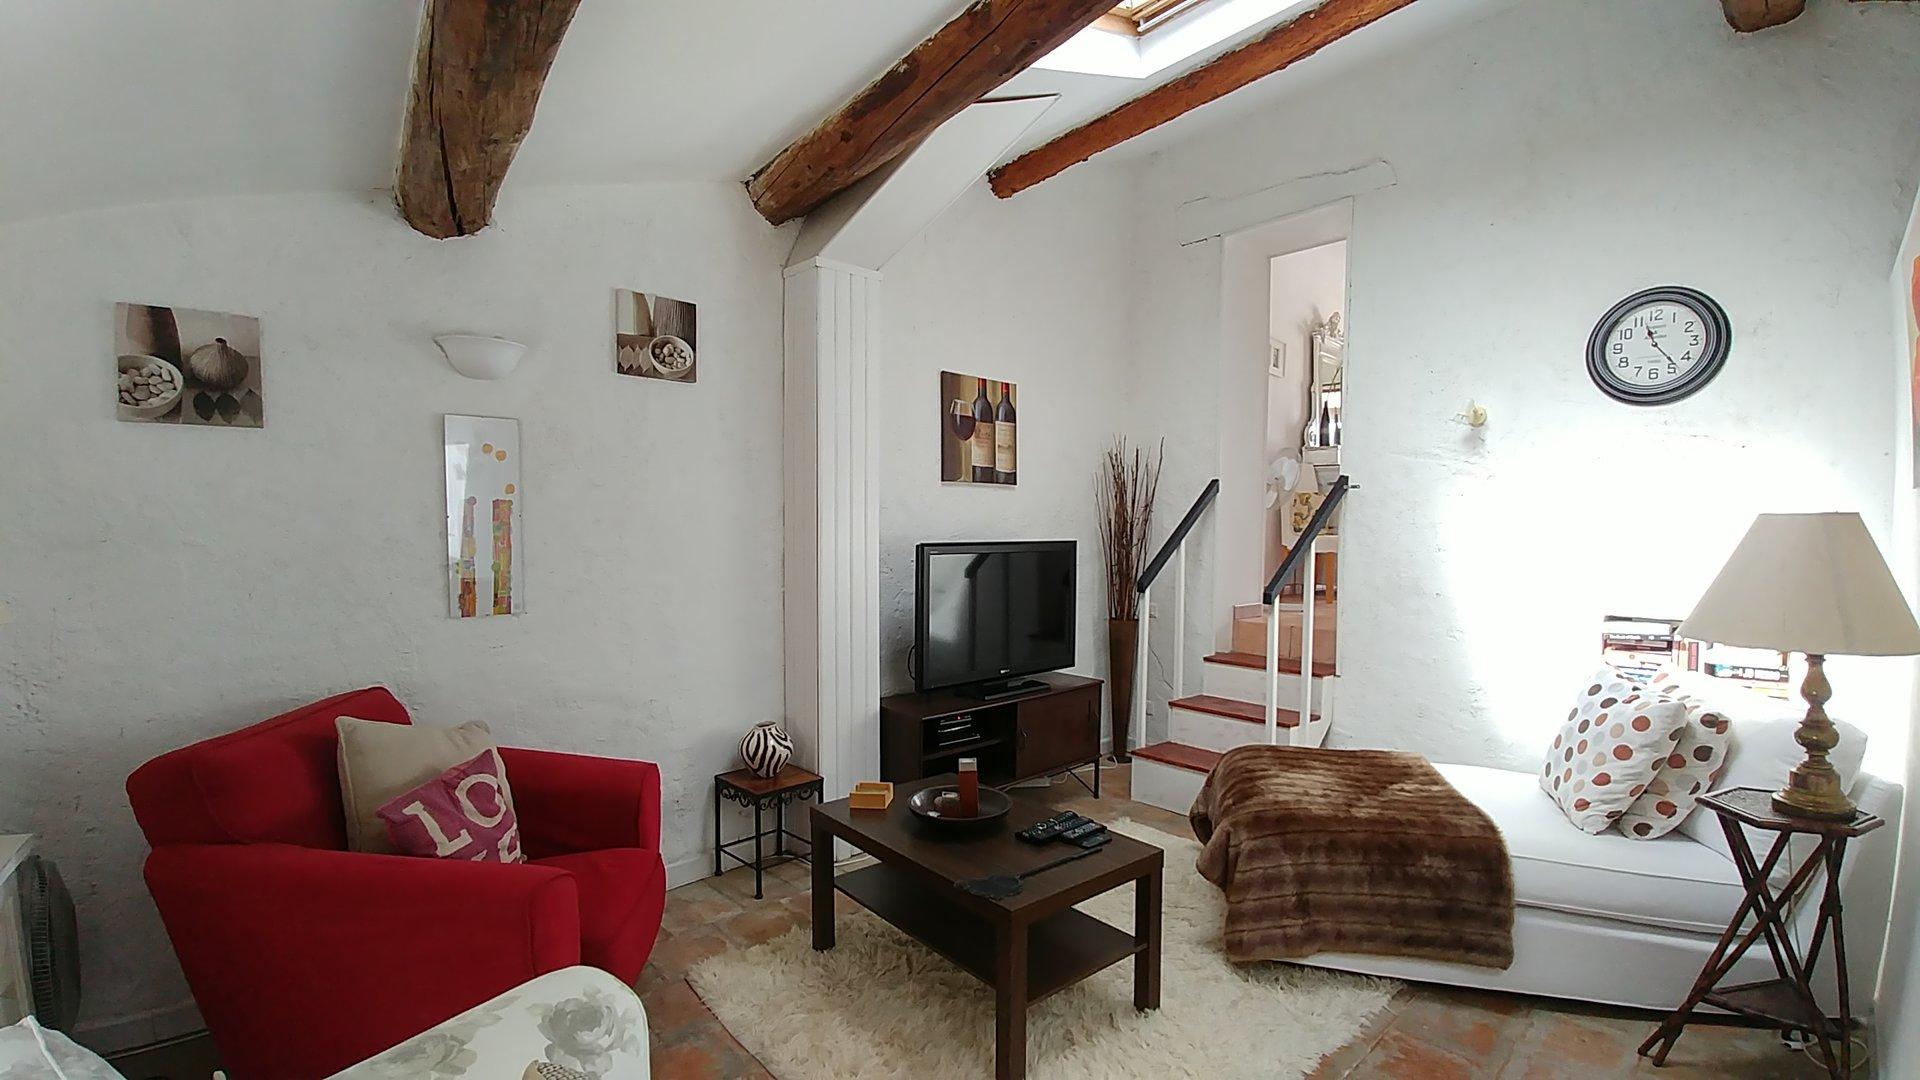 Maison de village de 230m2 avec terrasse et possibilité de revenue locative